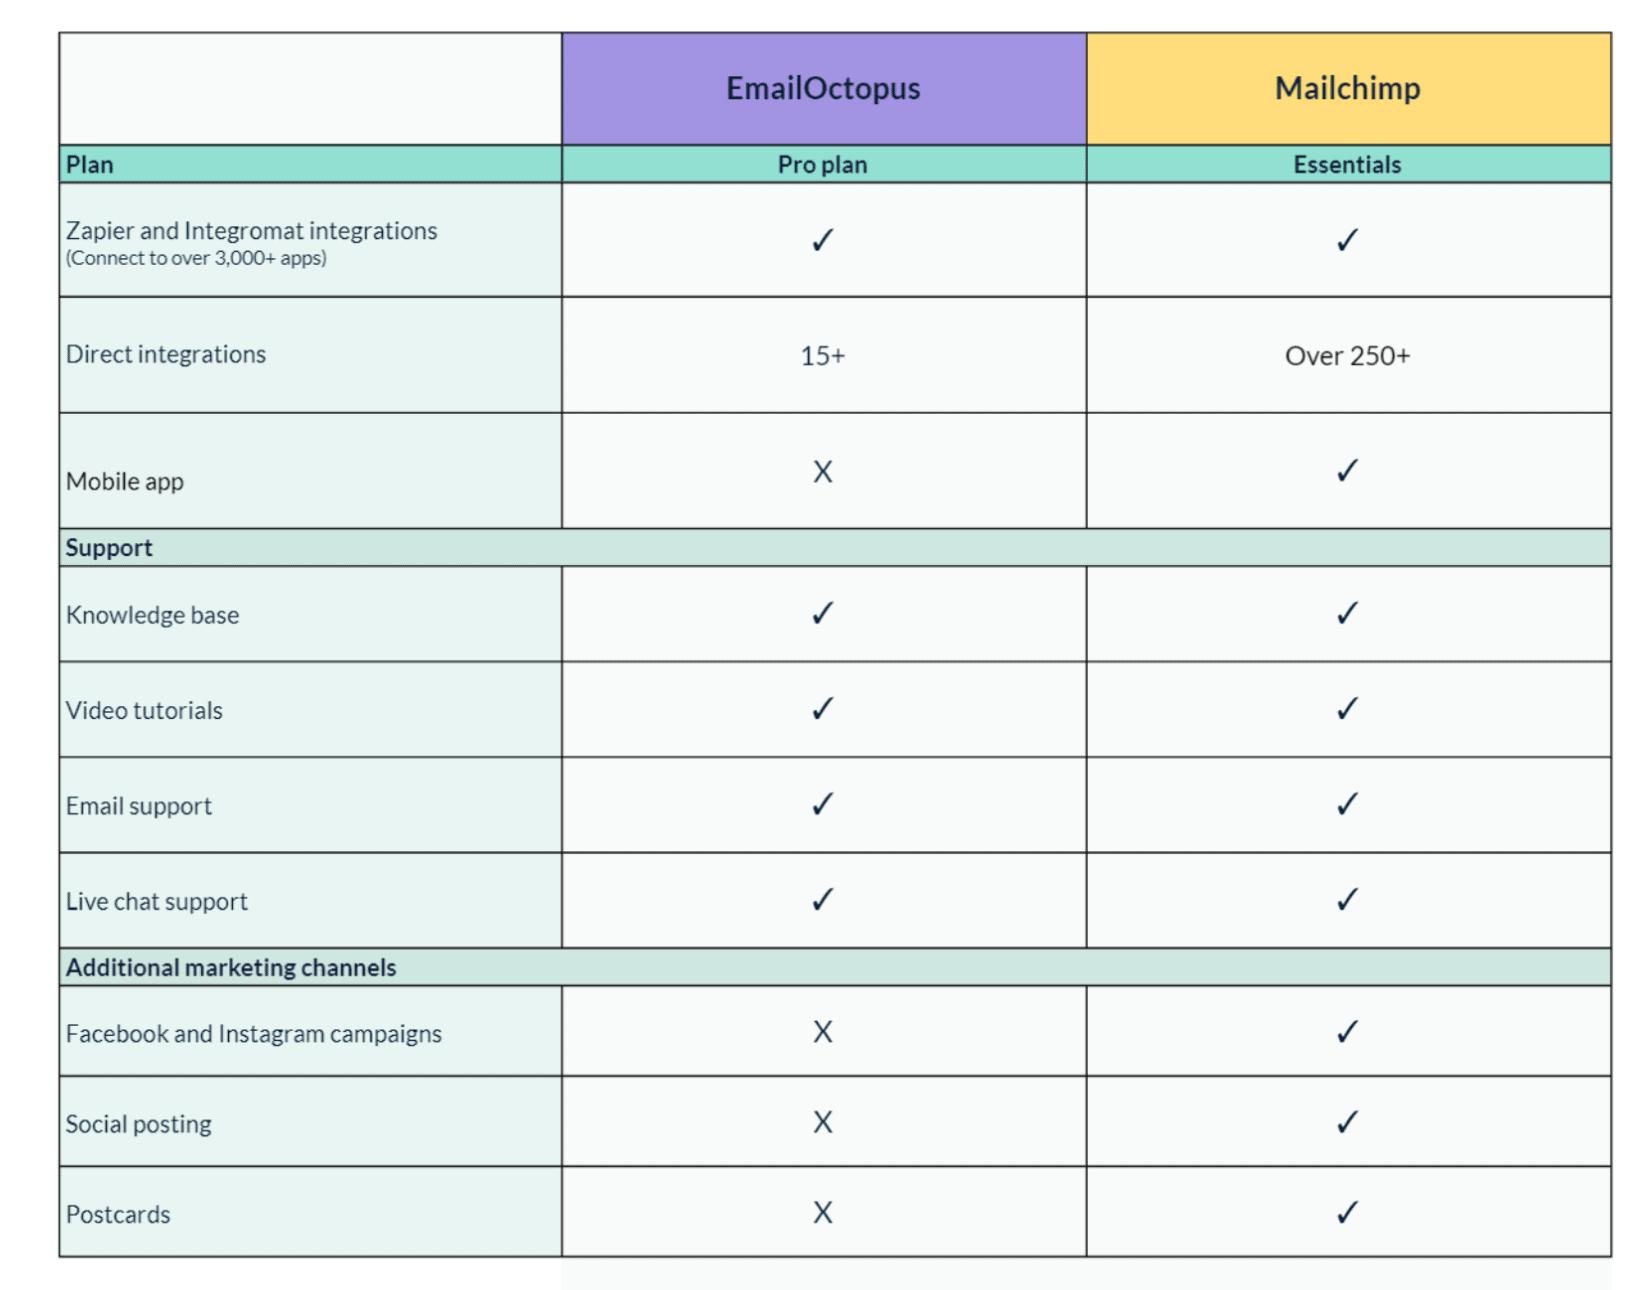 Mailchimp reviews vs emailoctopus